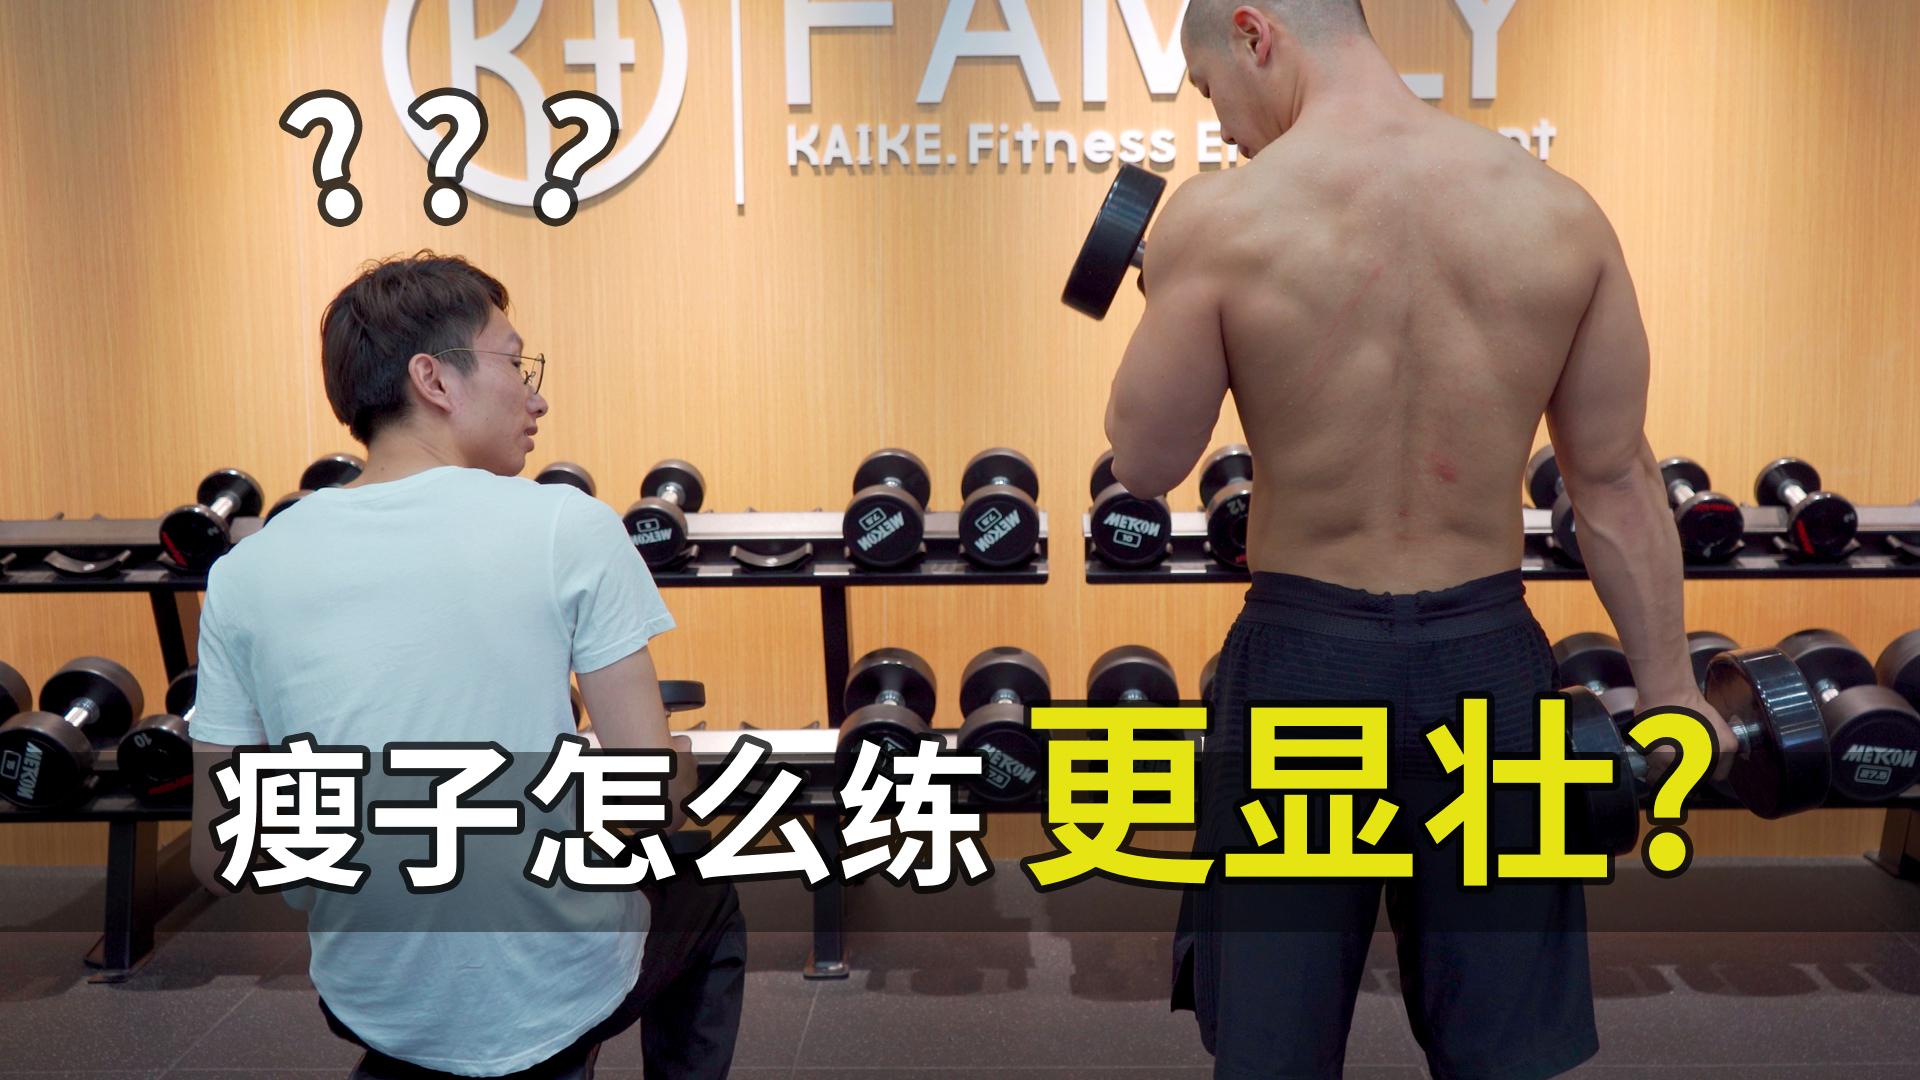 【卓叔】瘦子怎么练,更容易显壮?【增重科普03】